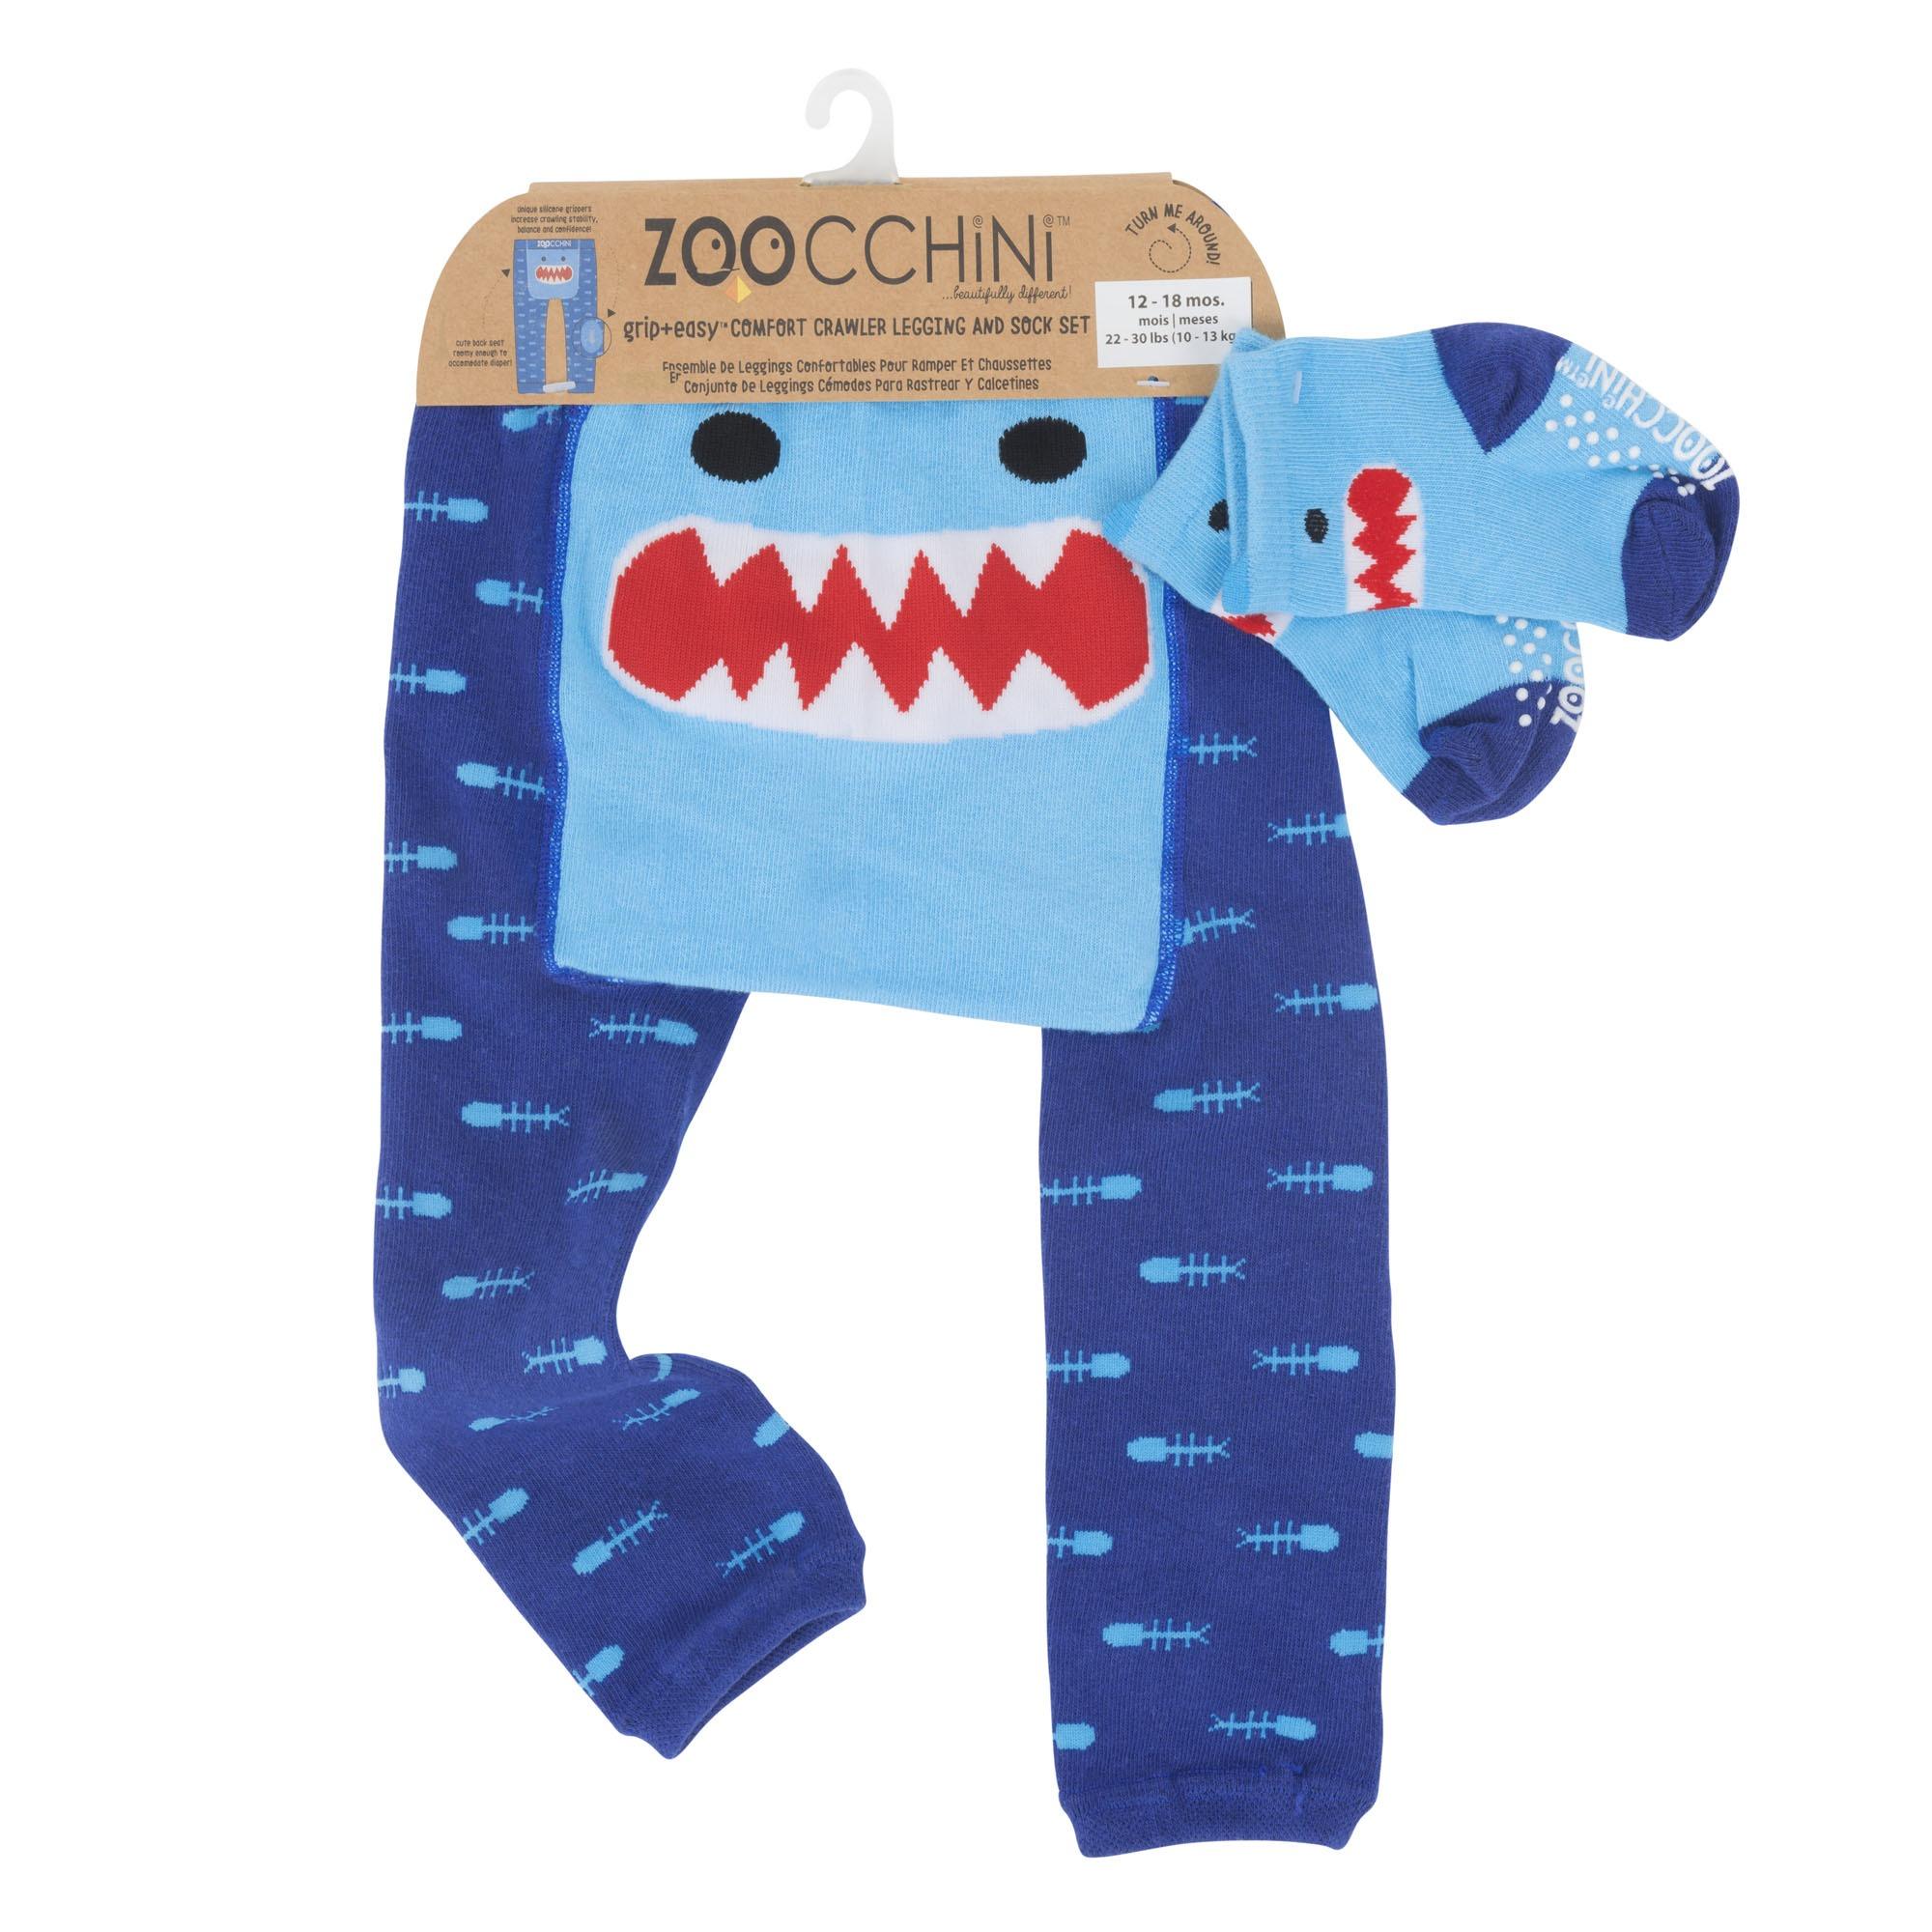 Σετ κολάν για μπουσούλημα και καλτσάκια – Καρχαρίας – Zoochini